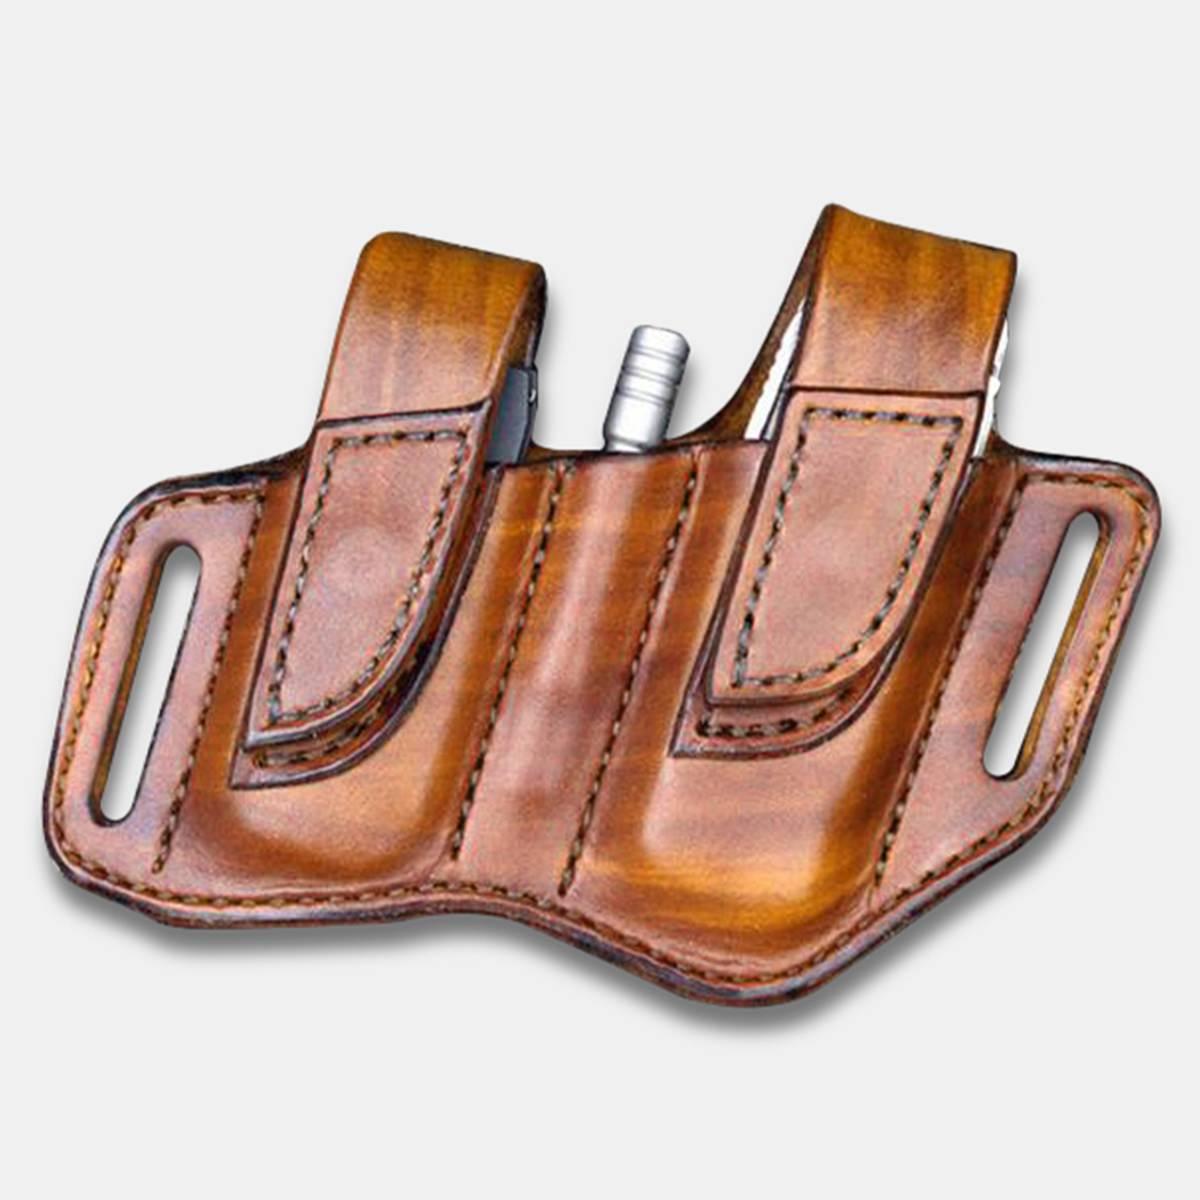 Мужская повседневная кобура из натуральной кожи, ретро-инструмент Bag, поясная сумка, чехлы для телефона на ремне для кемпинга, уличная сумка ...